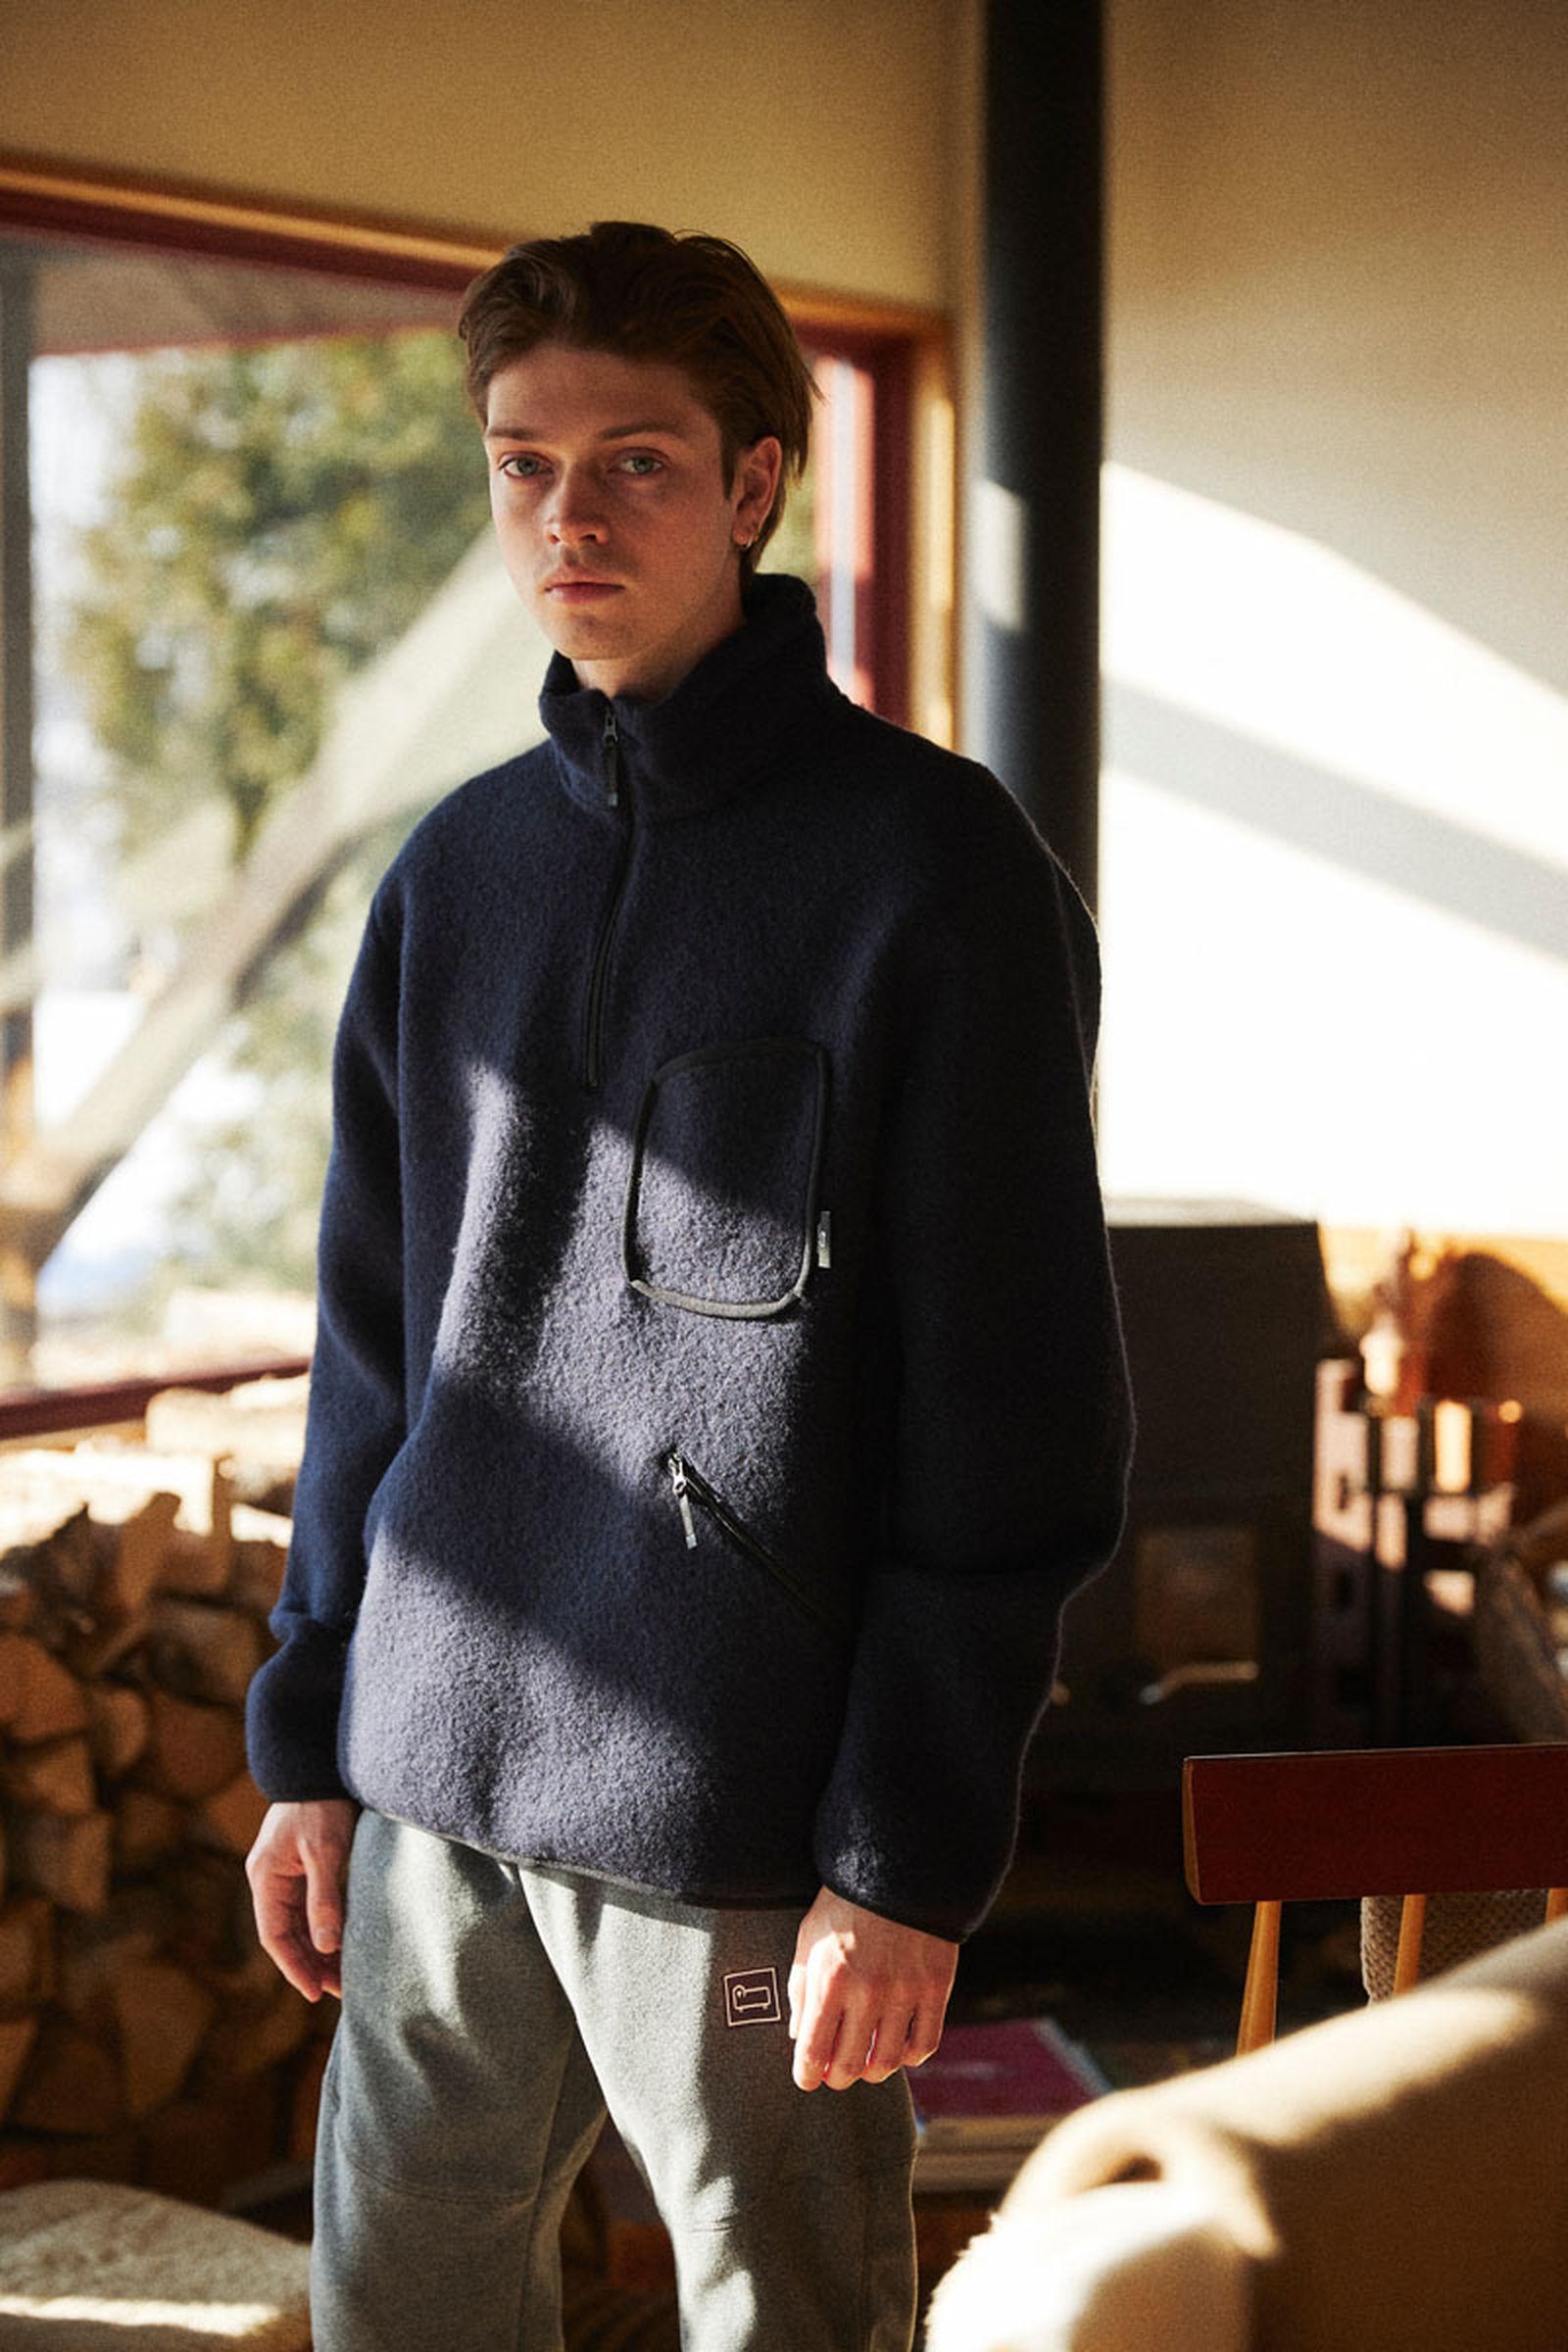 woolrich-outdoor-fallwinter-2021-collection-lookbook-03